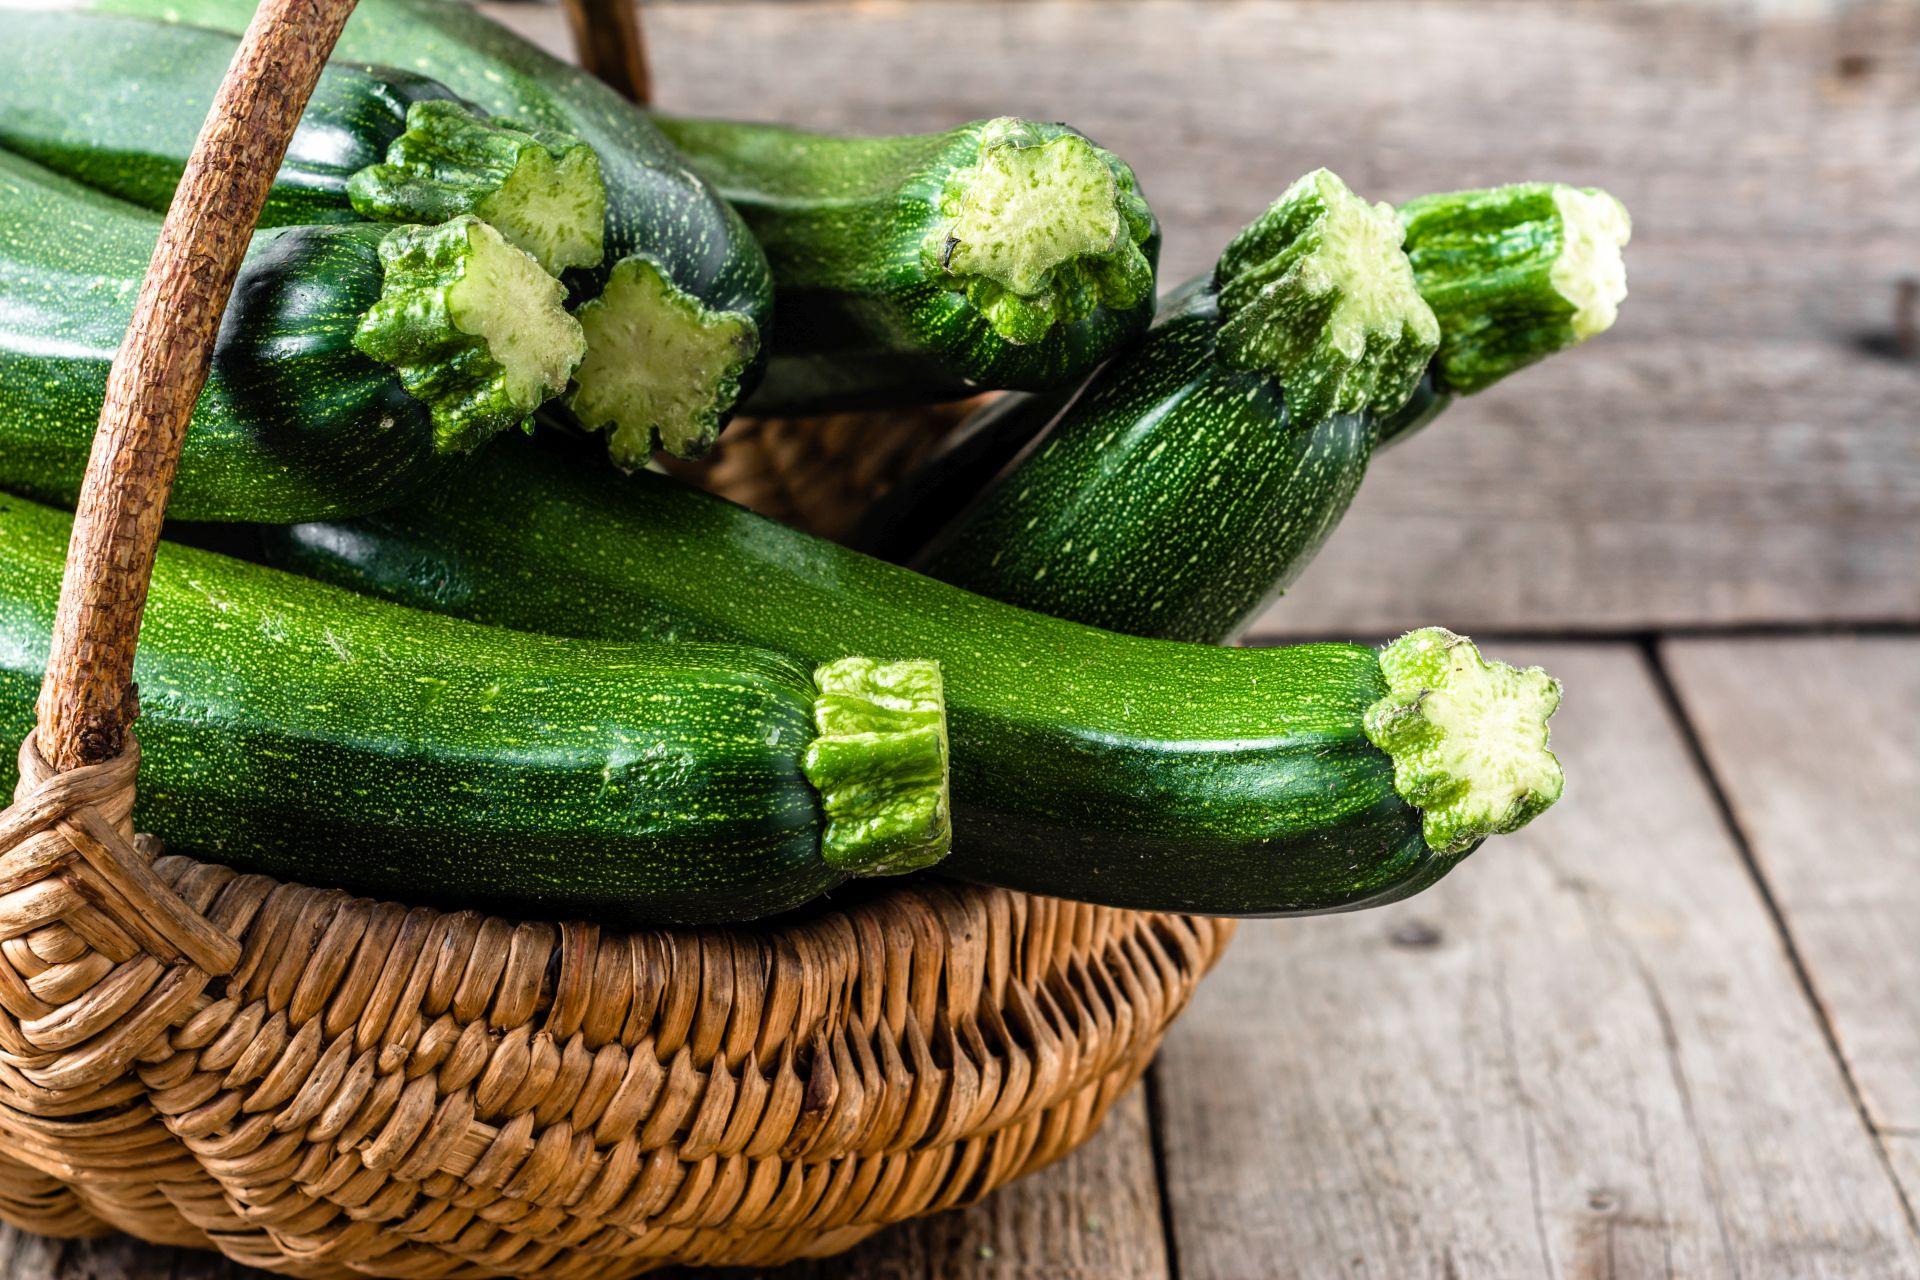 Dieta dla serca powinna być bogata w polifenole, wartościowe składniki odżywcze i witaminy, które zawierają zielone warzywa - poznaj przepisy na lekkostrawne dania z cukinii, takie jak frytki z cukinii, faszerowana cukinia czy leczo z cukinii.